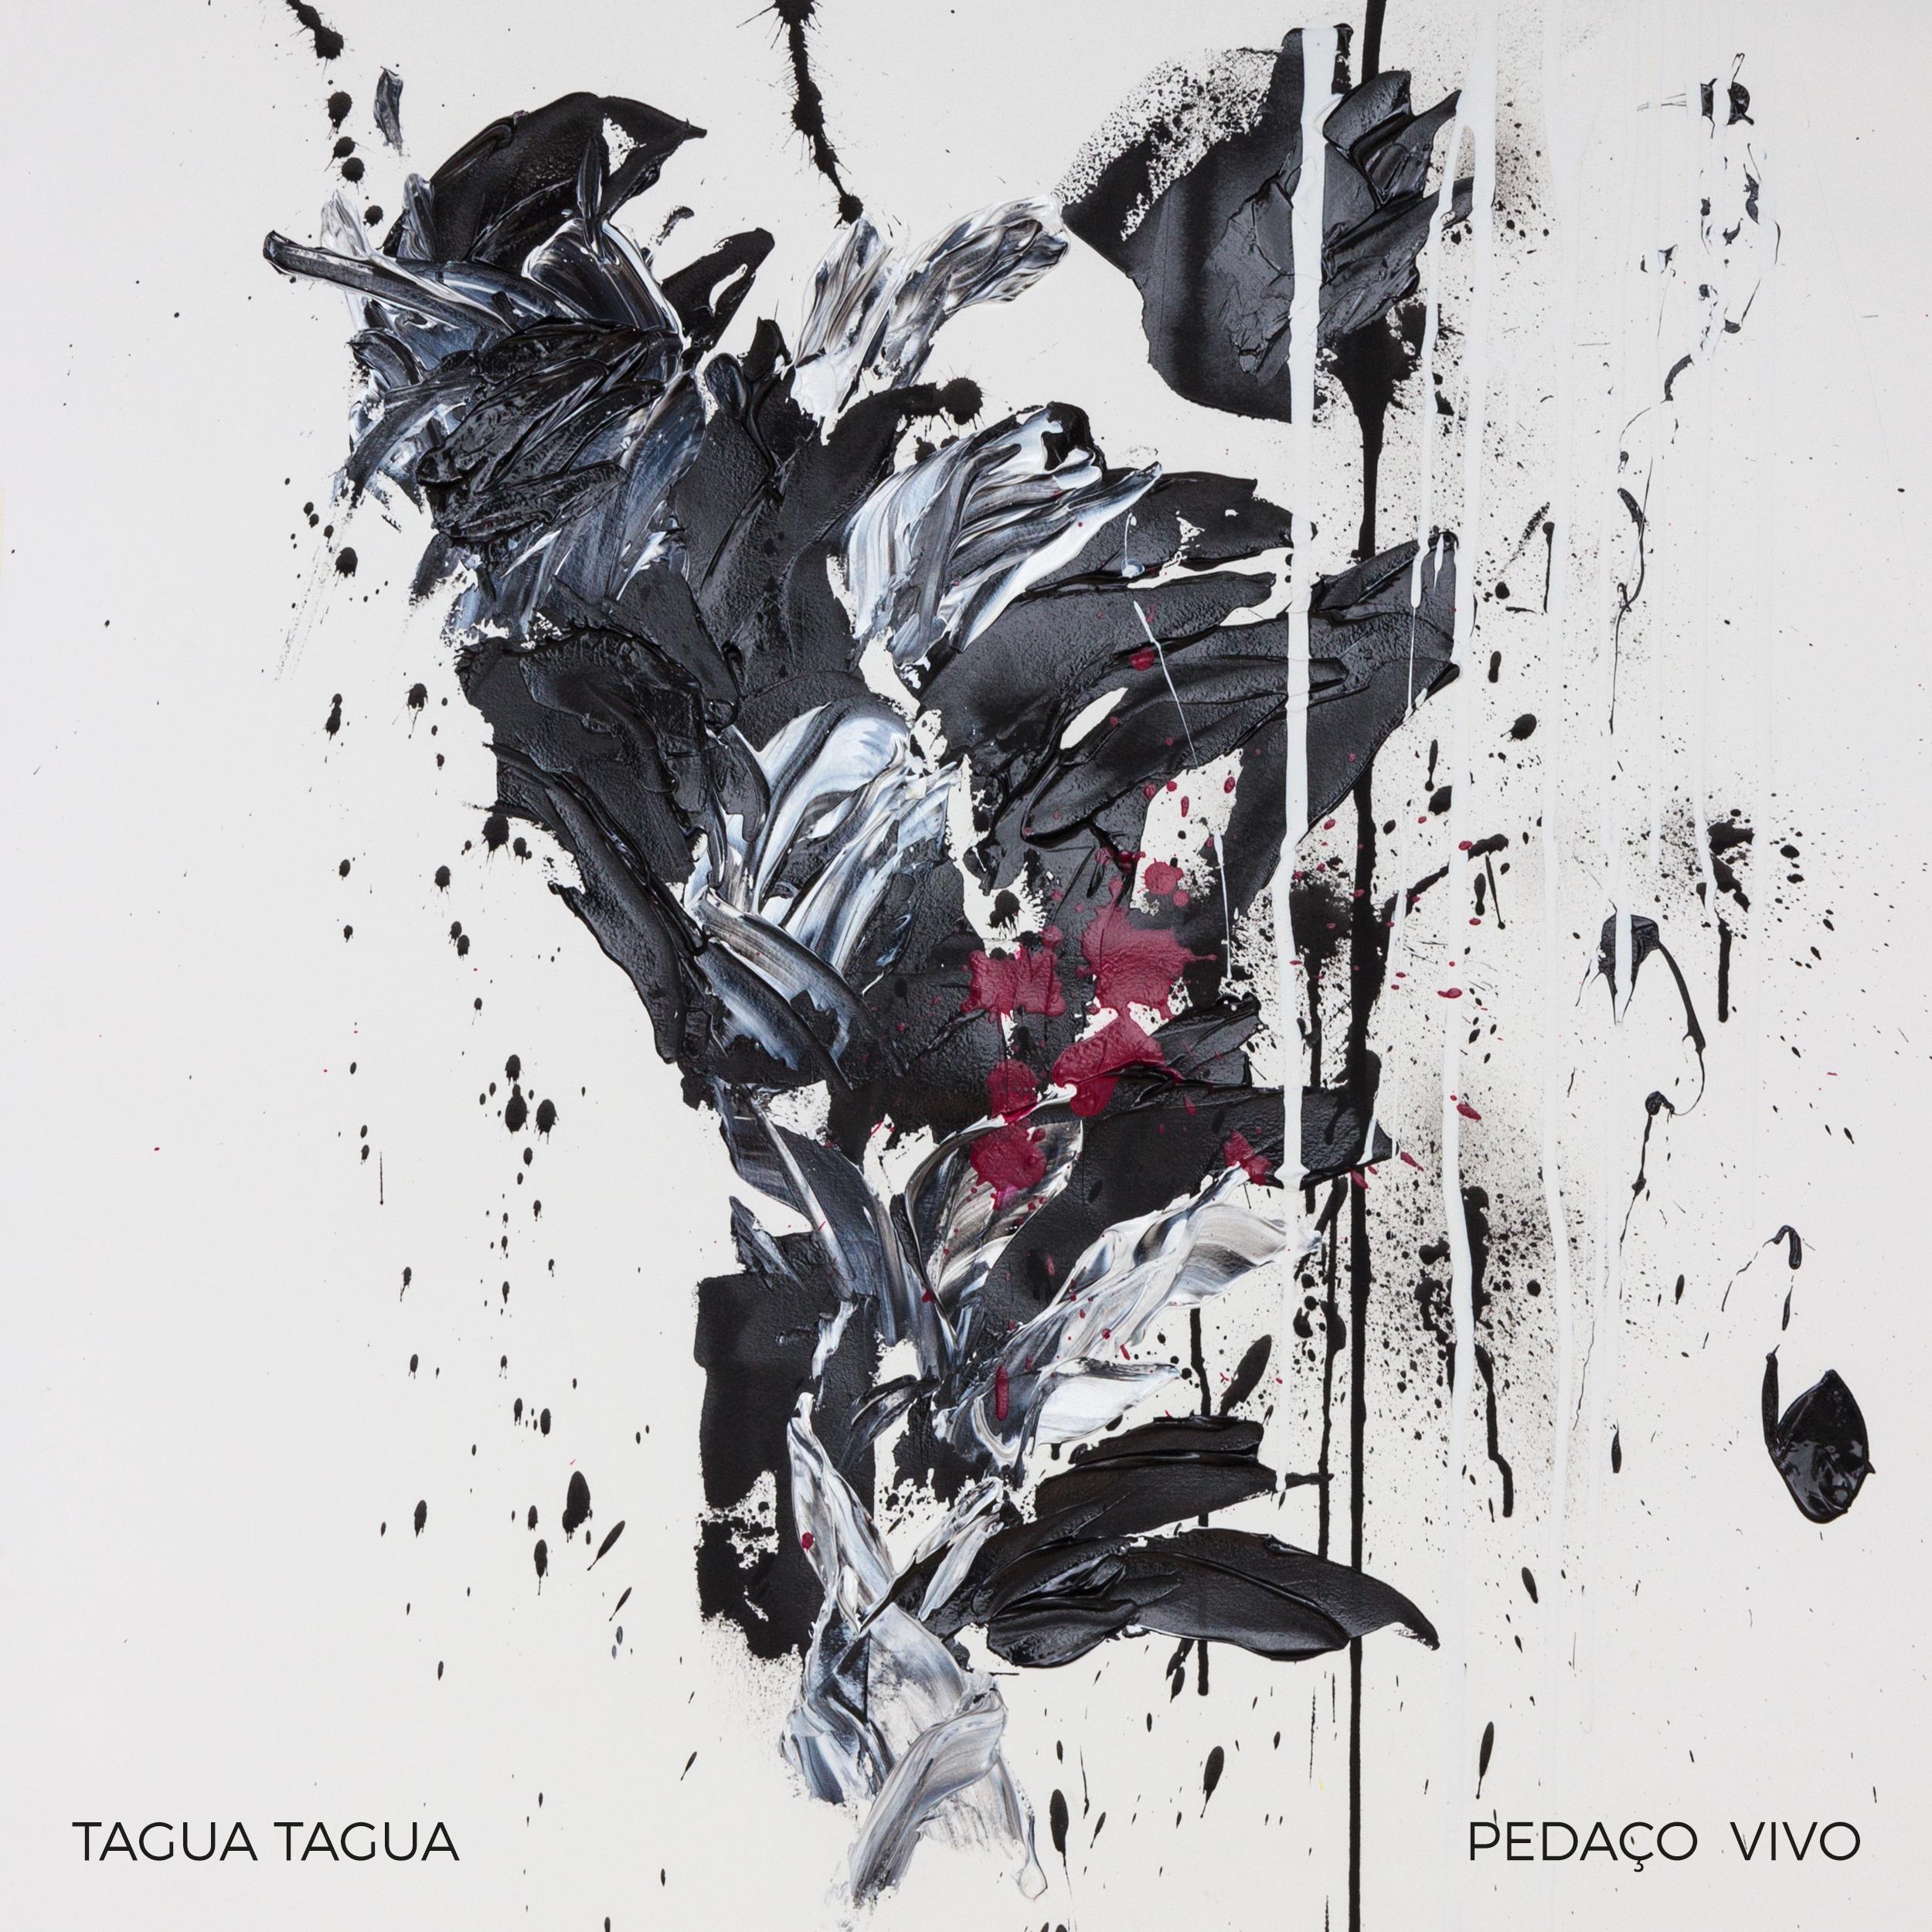 Tagua Tagua - EP Pedaço Vivo Capa